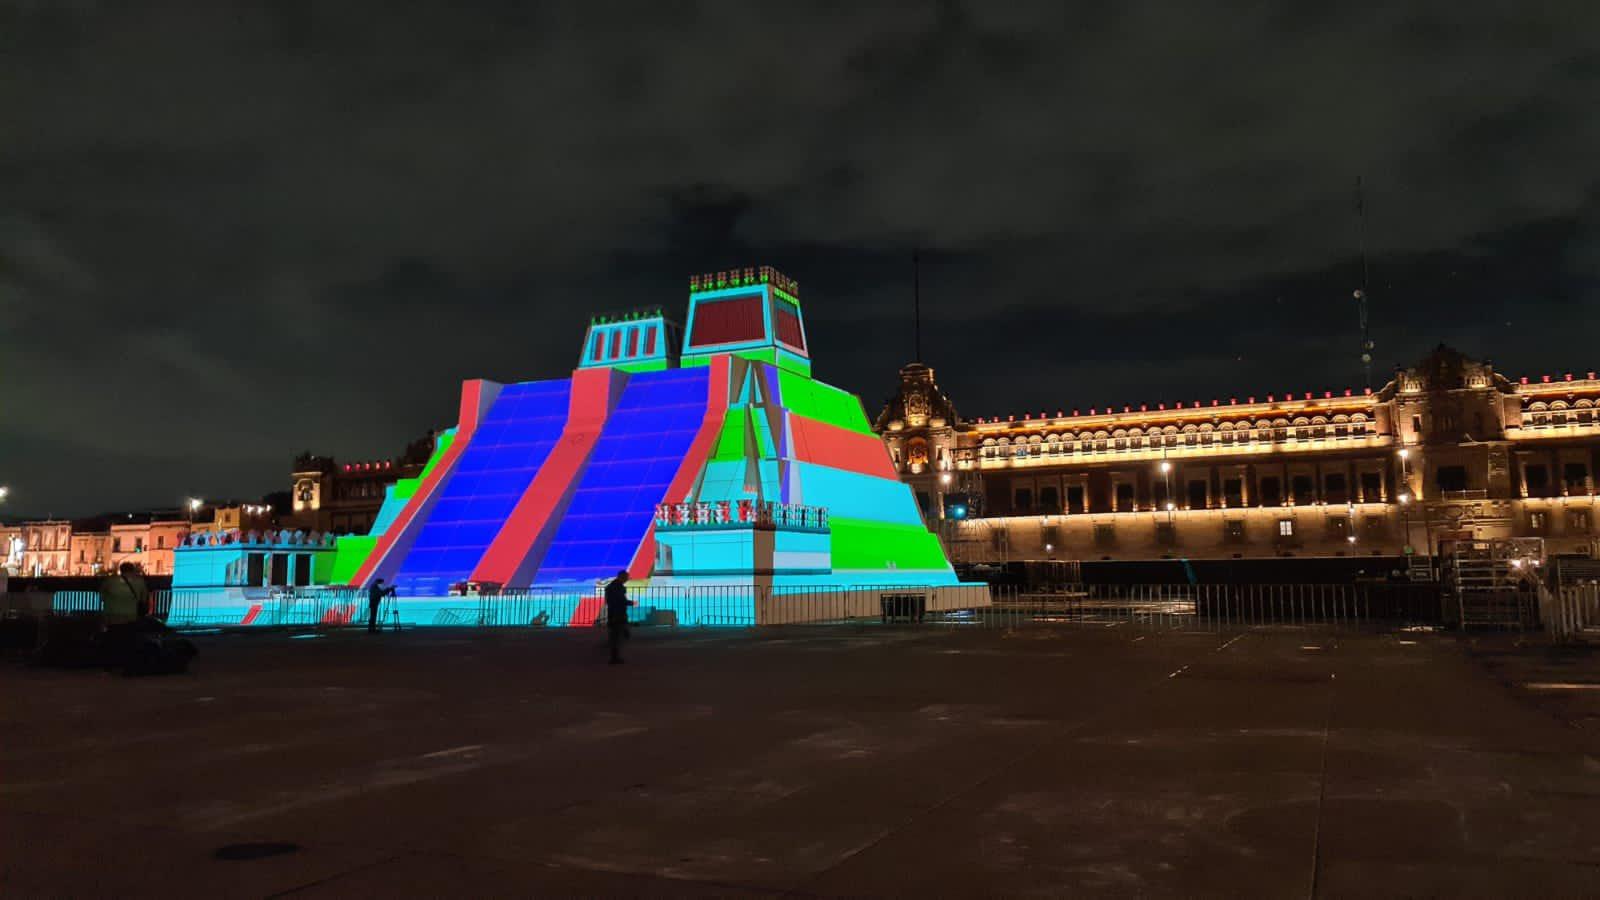 В Мексике построили неоновую копию храма ацтеков.Вокруг Света. Украина